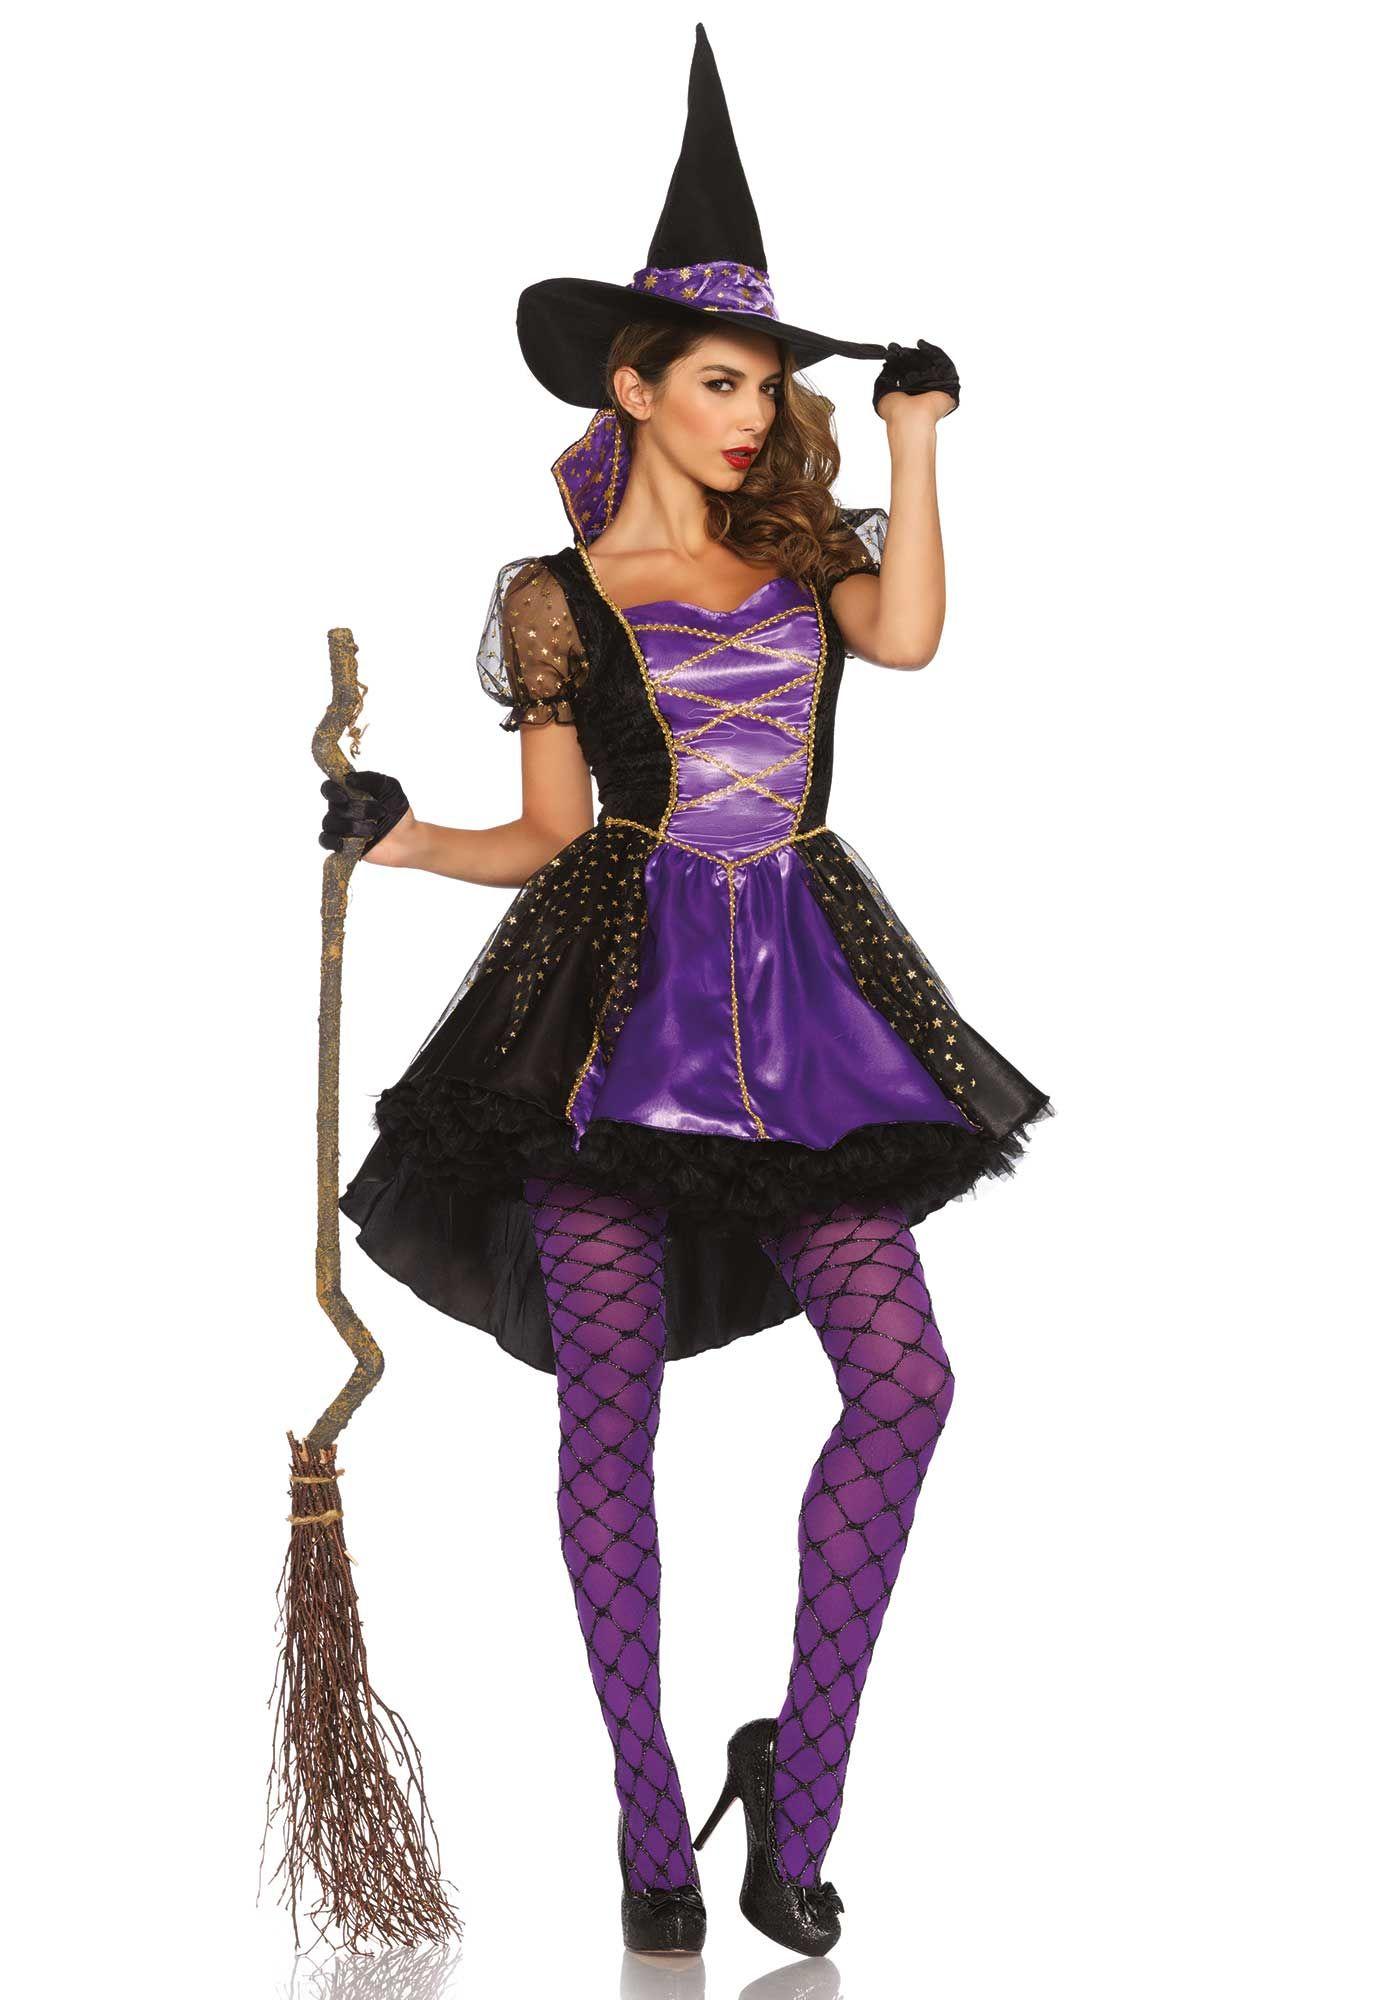 Halloween Kostuum Nl.Paars Heksen Kostuum Voor Dames Halloween Halloween